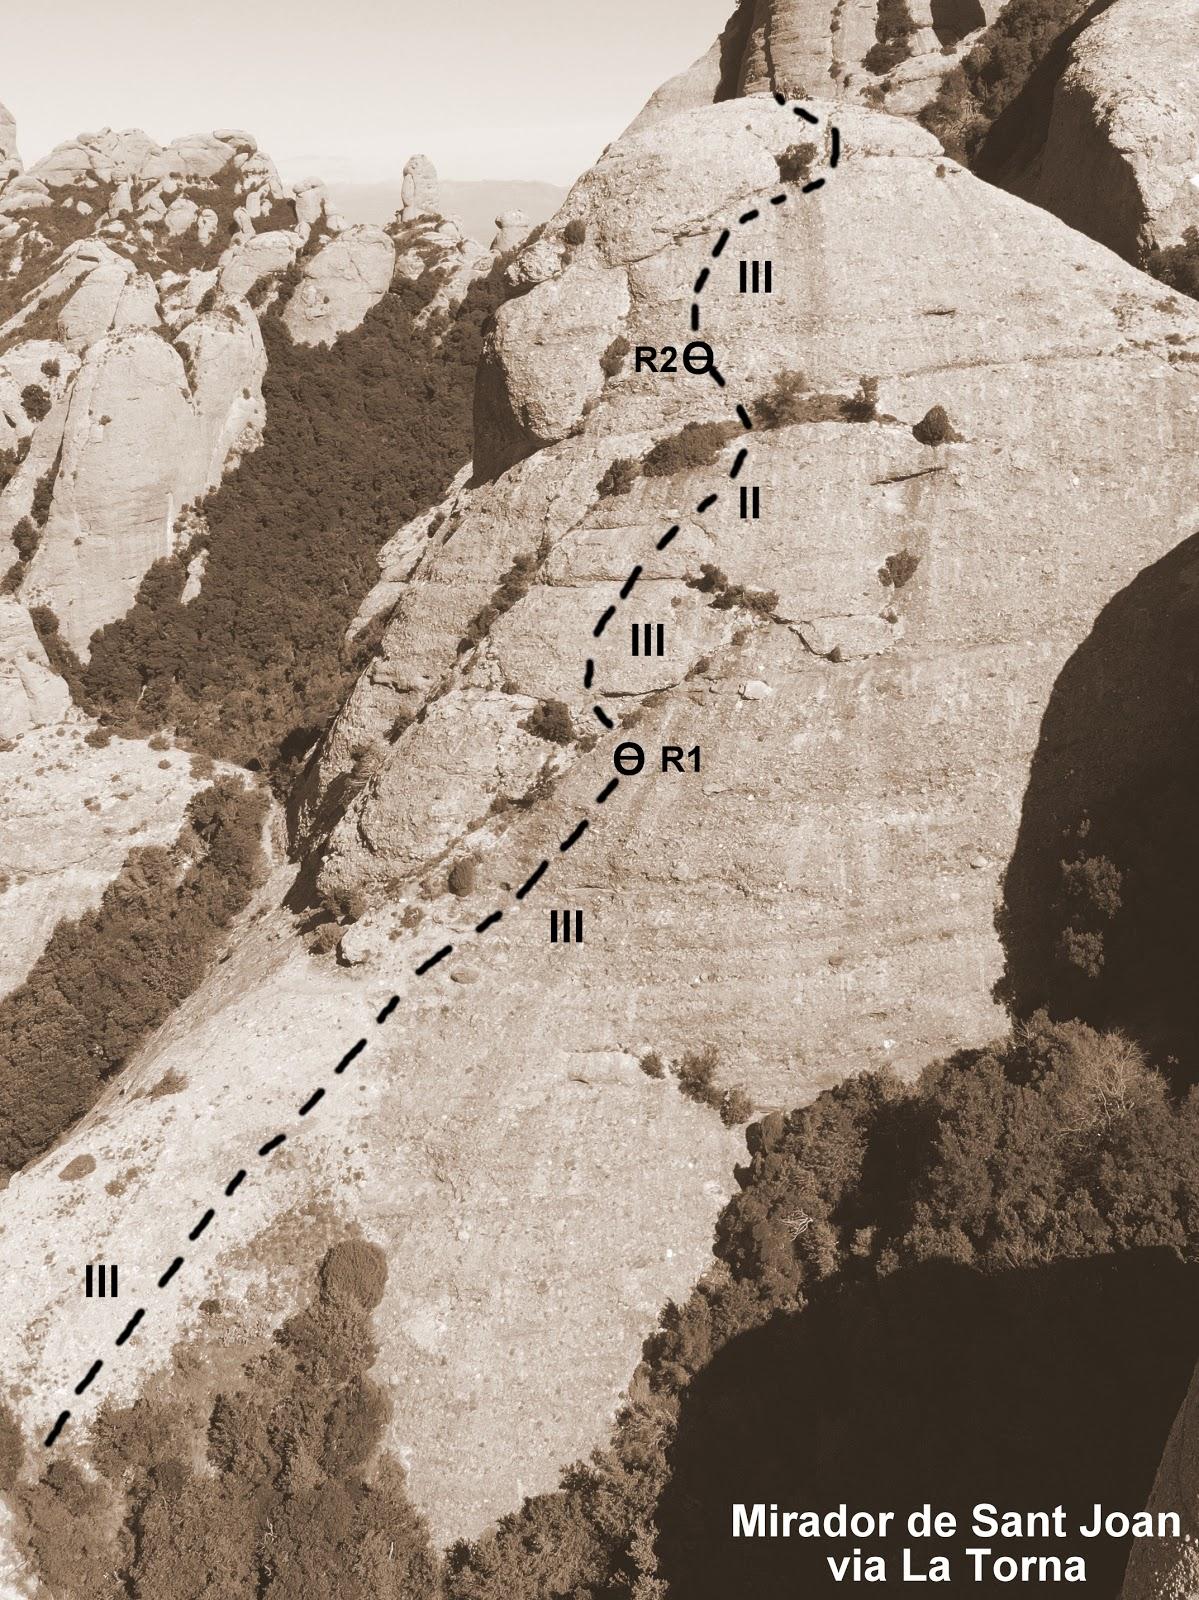 Mirador de Sant Joan, via La Torna